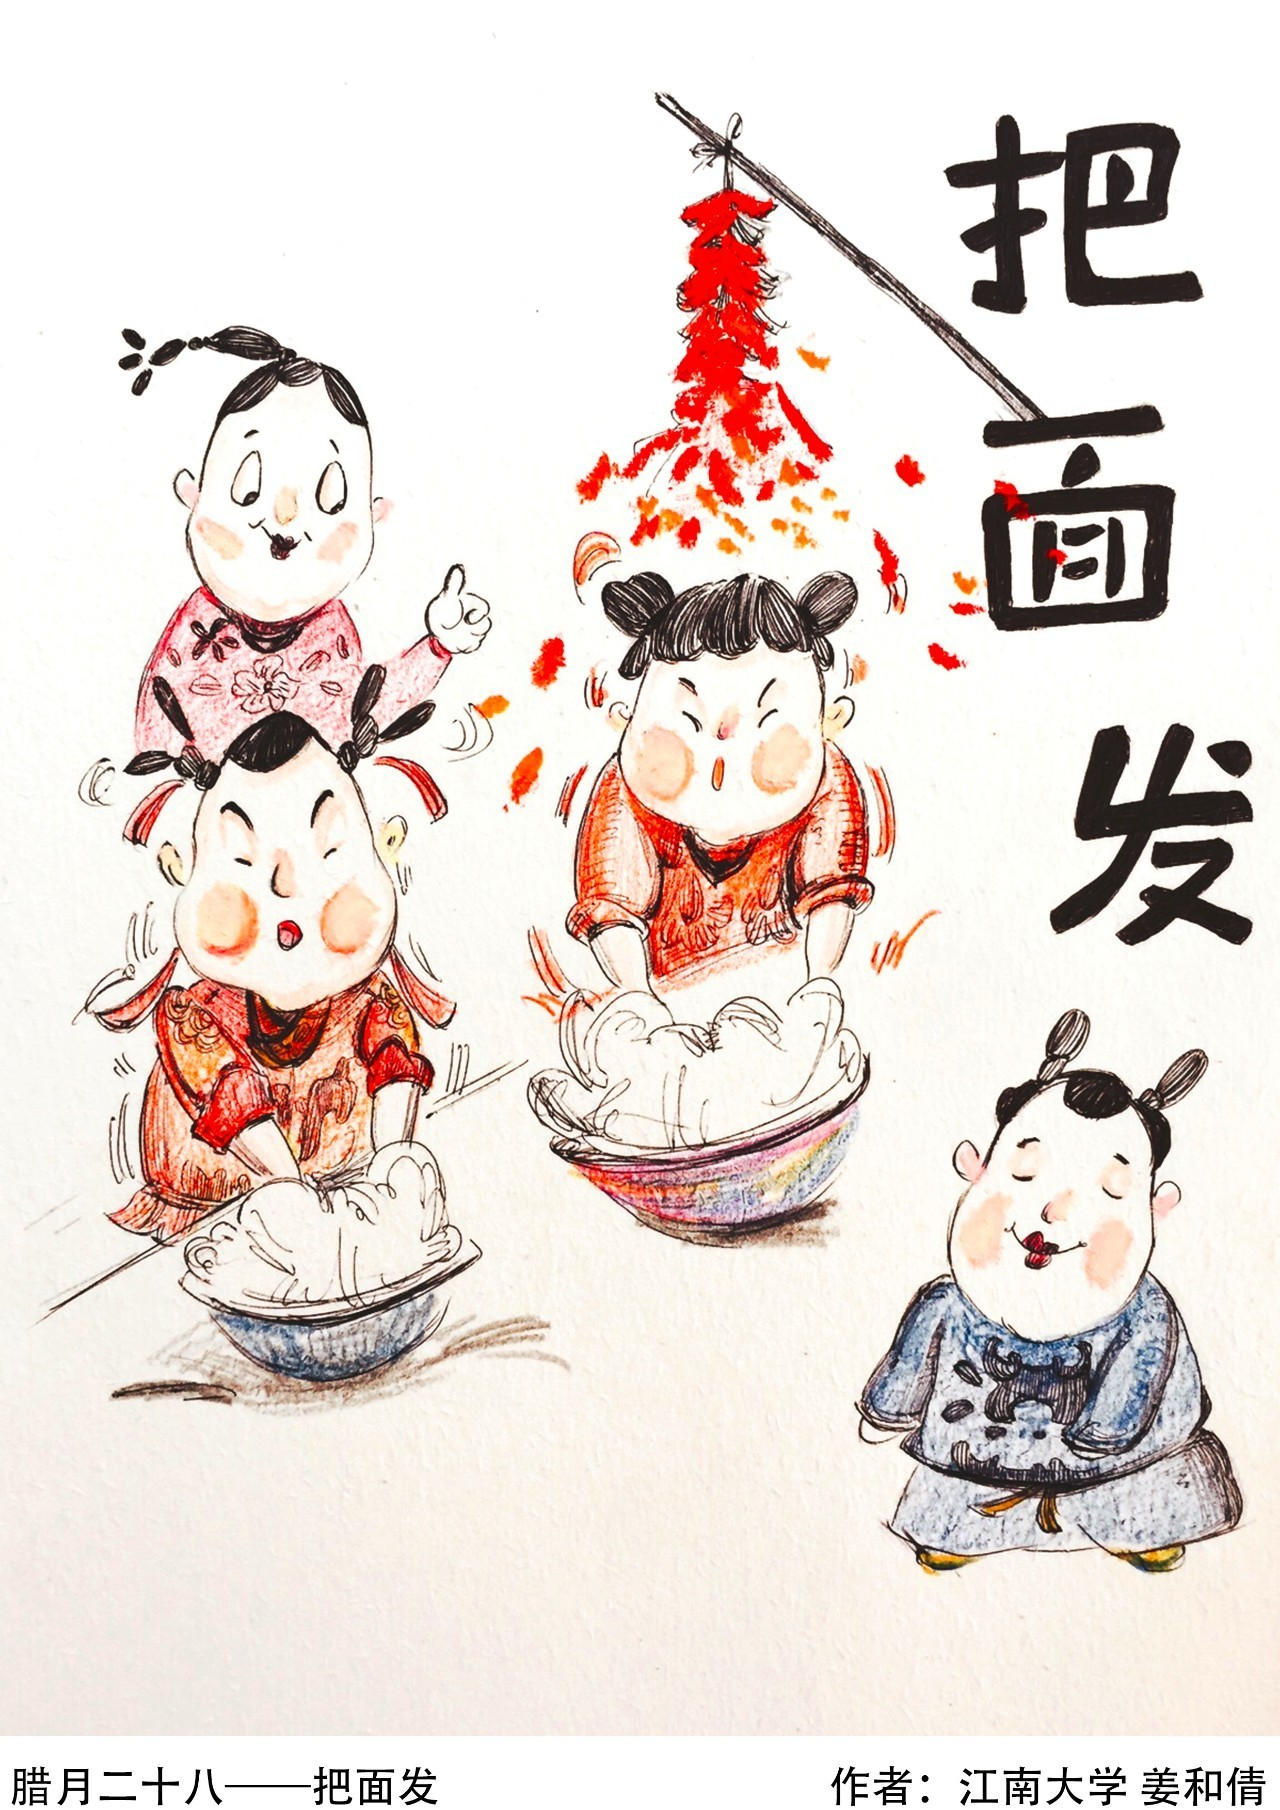 走心!刷爆微博的这套手绘传统年俗图,出自江南大学才女之手.